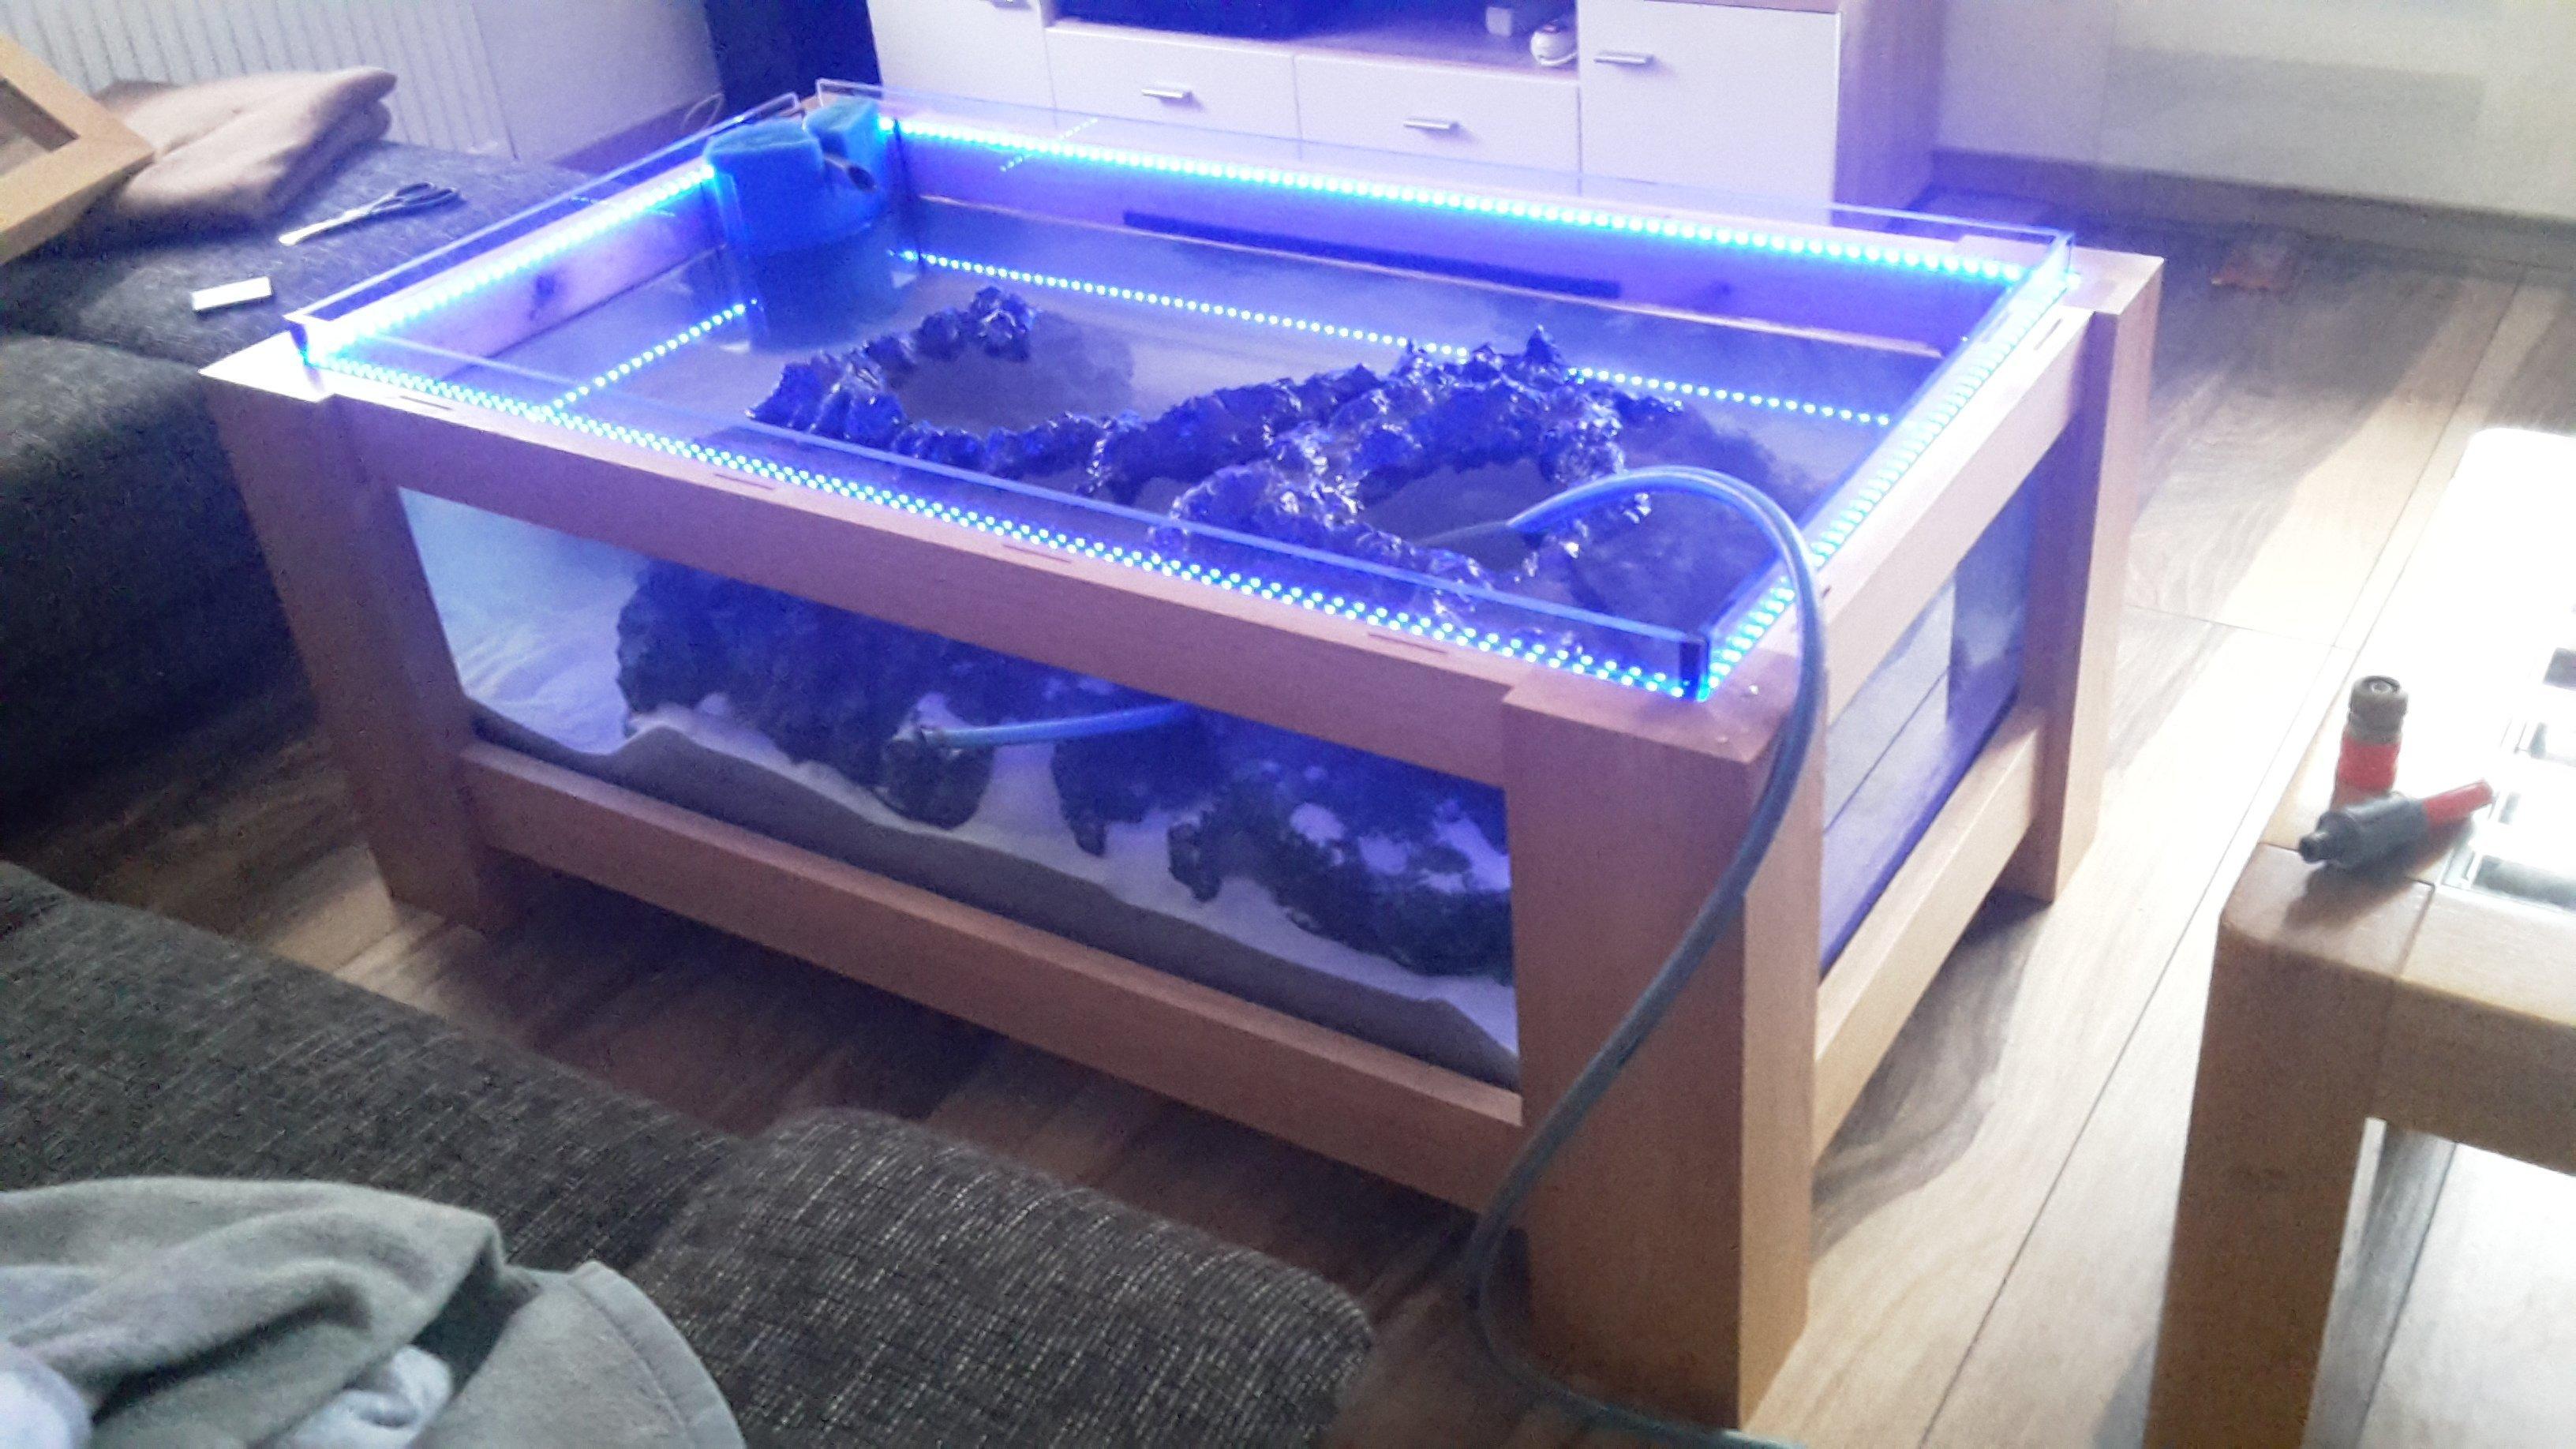 Coole Dekoration Tisch Aquarium Guenstig 2 #19: Tisch Aquarium Günstig: Wasser Szenerie Aquarium Tisch Tischst?nder .